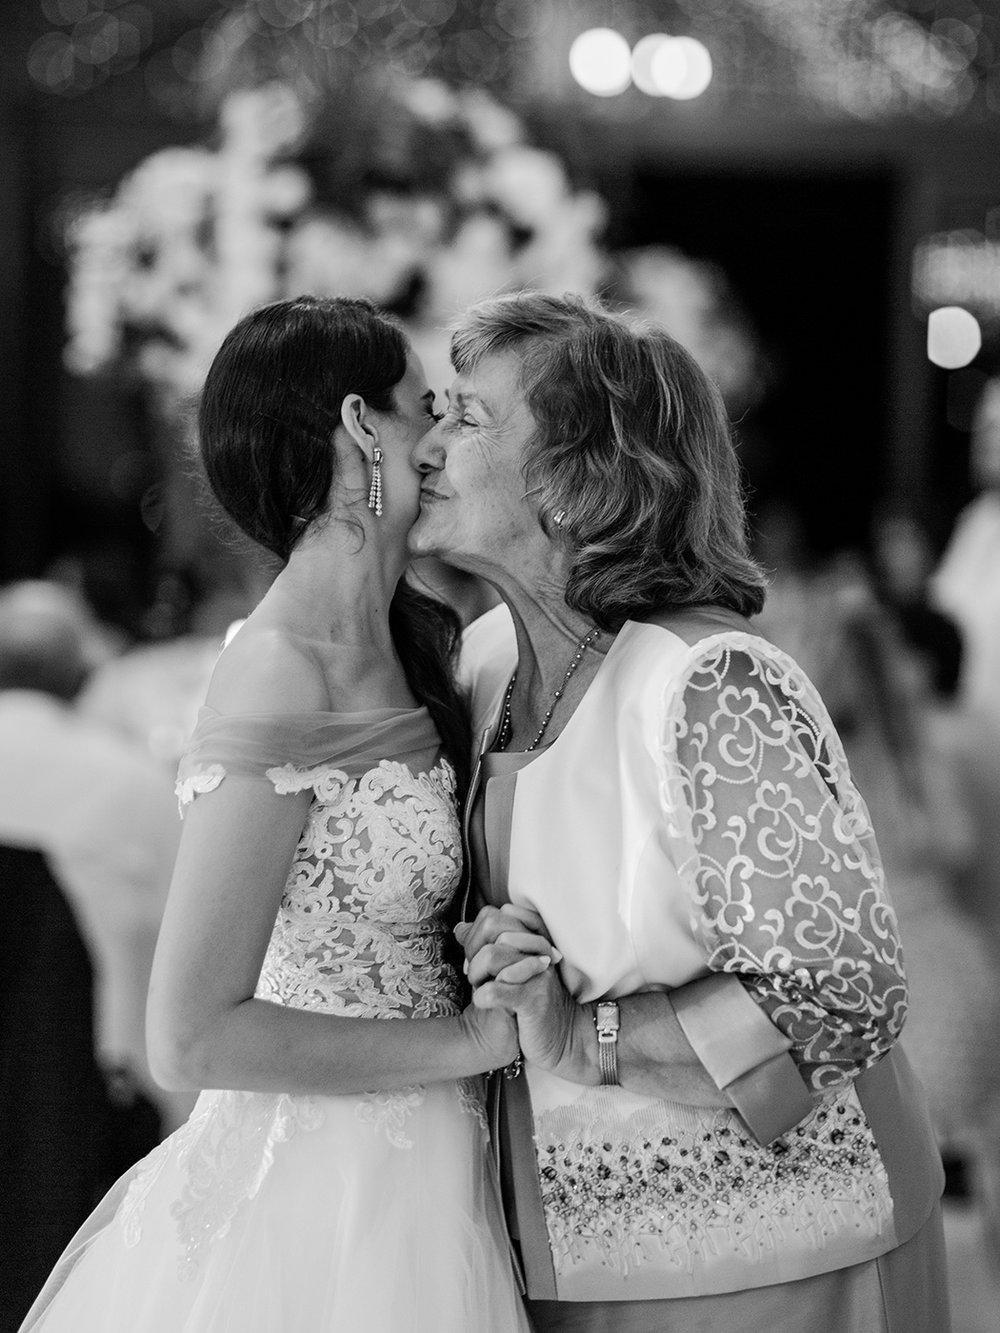 Grandmother & Bride | Rensche Mari